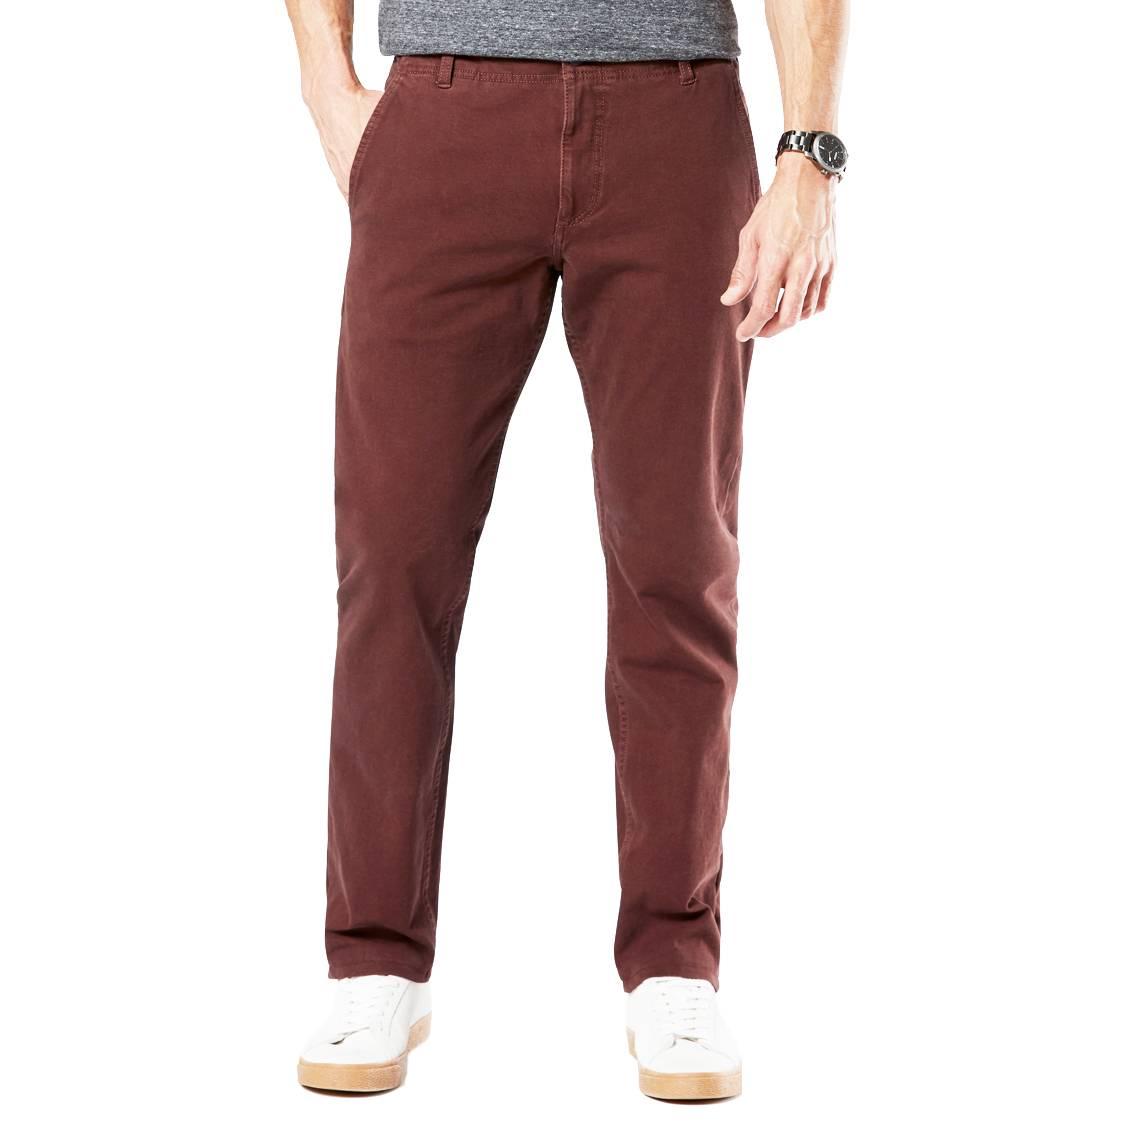 Pantalon  alpha khaki en coton stretch rouge bordeaux